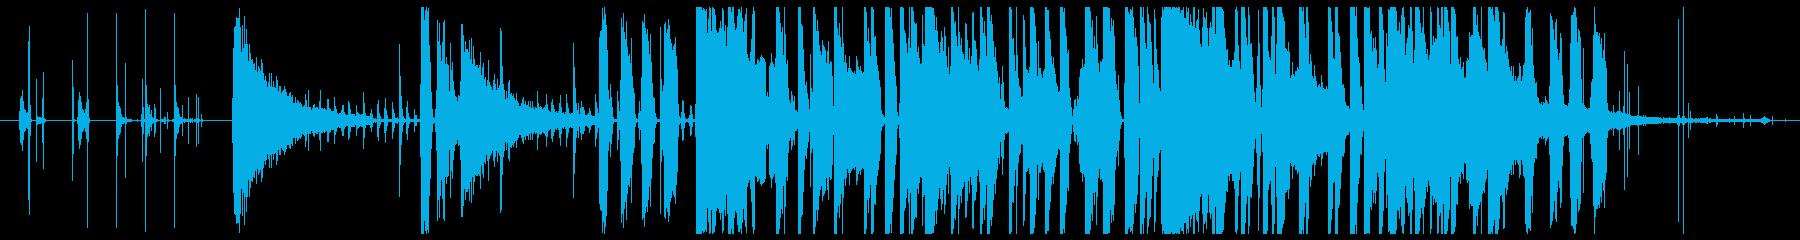 お洒落なエレクトロニックバラードの再生済みの波形